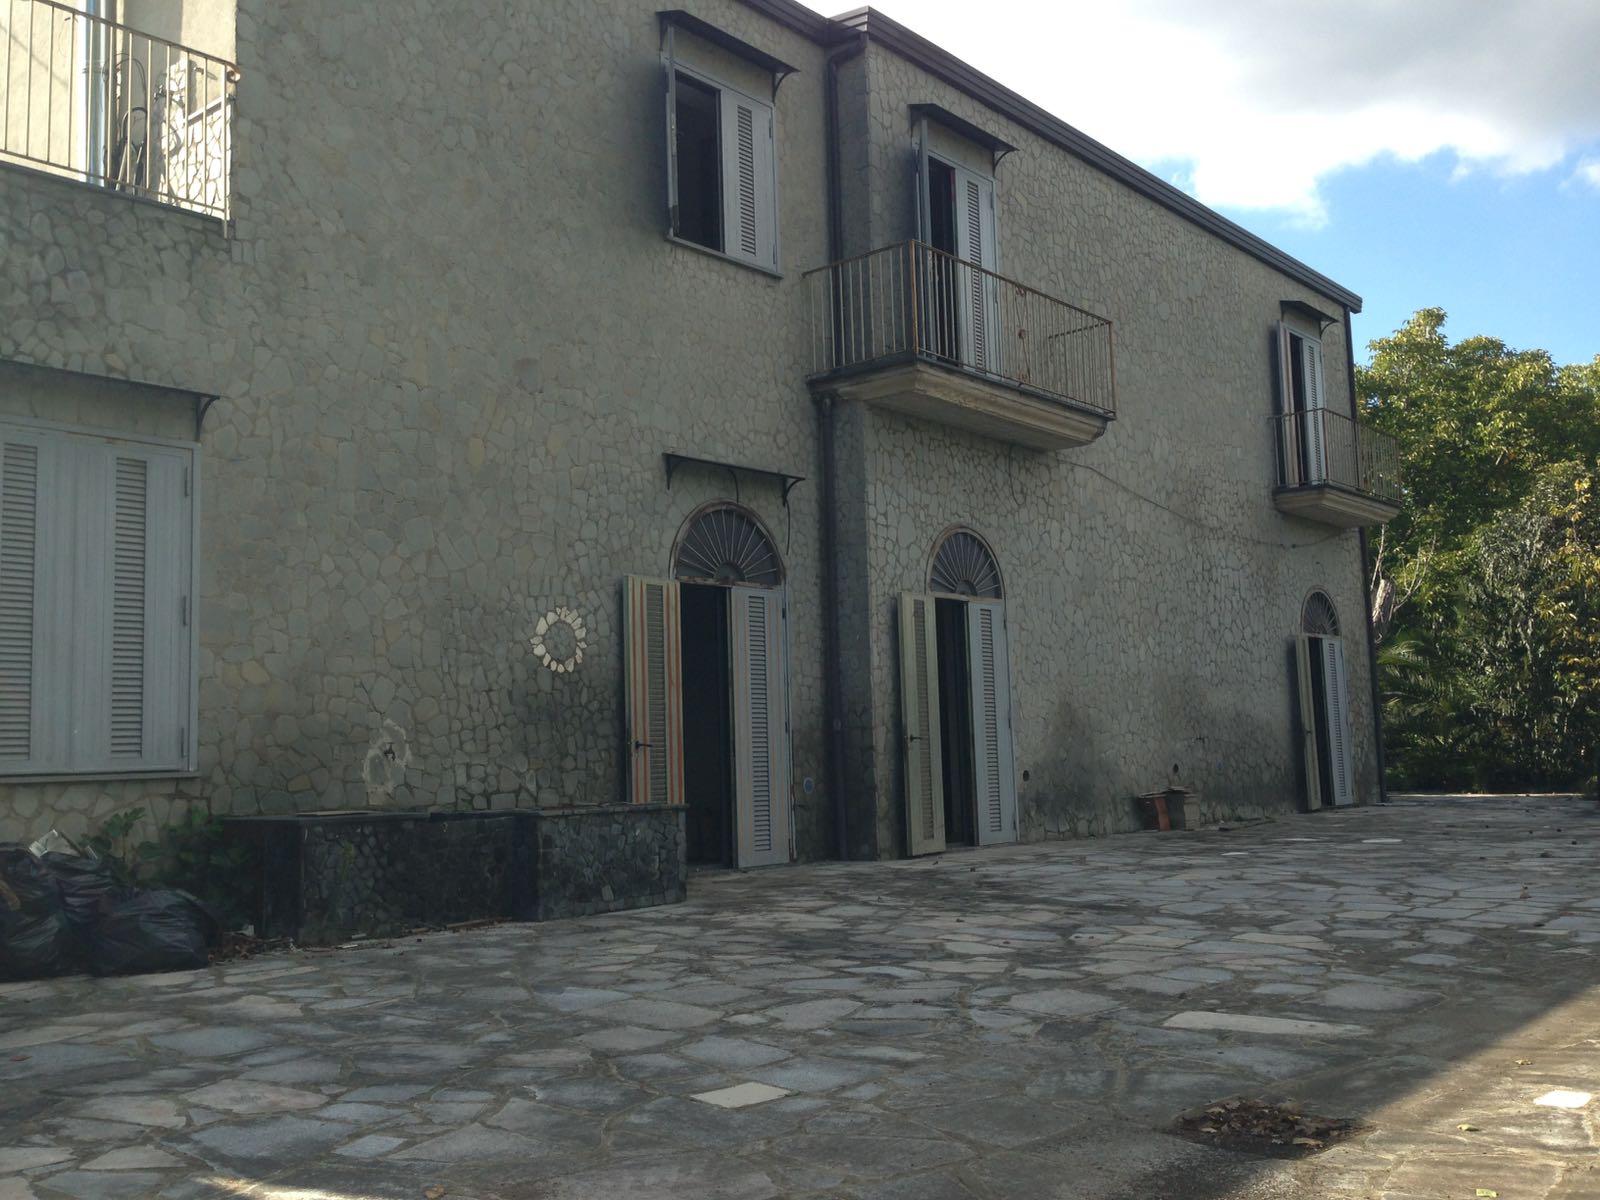 Soluzione Indipendente in vendita a San Gennaro Vesuviano, 5 locali, prezzo € 450.000 | CambioCasa.it